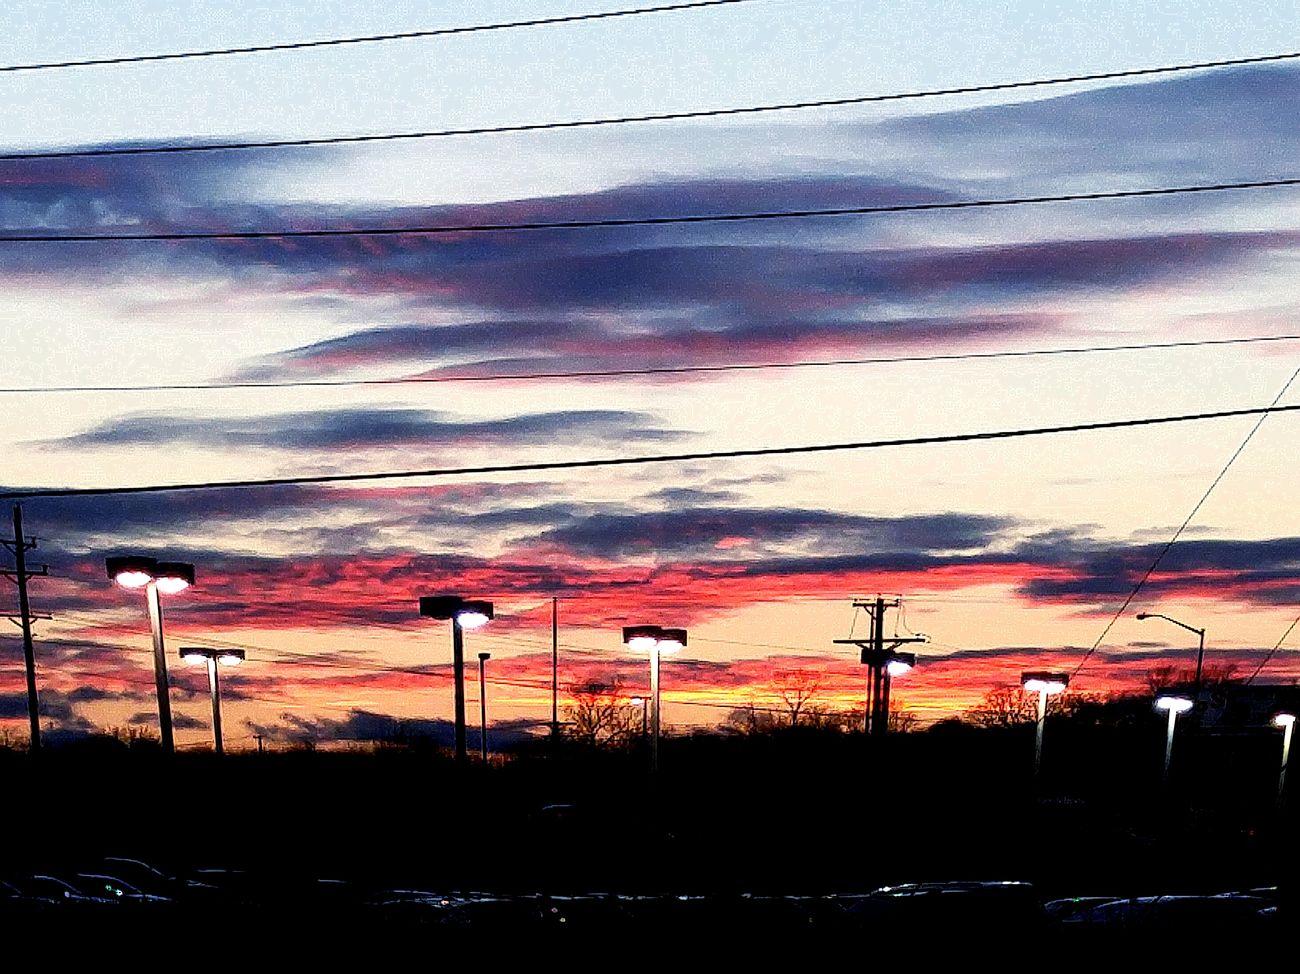 A beautiful sunsets